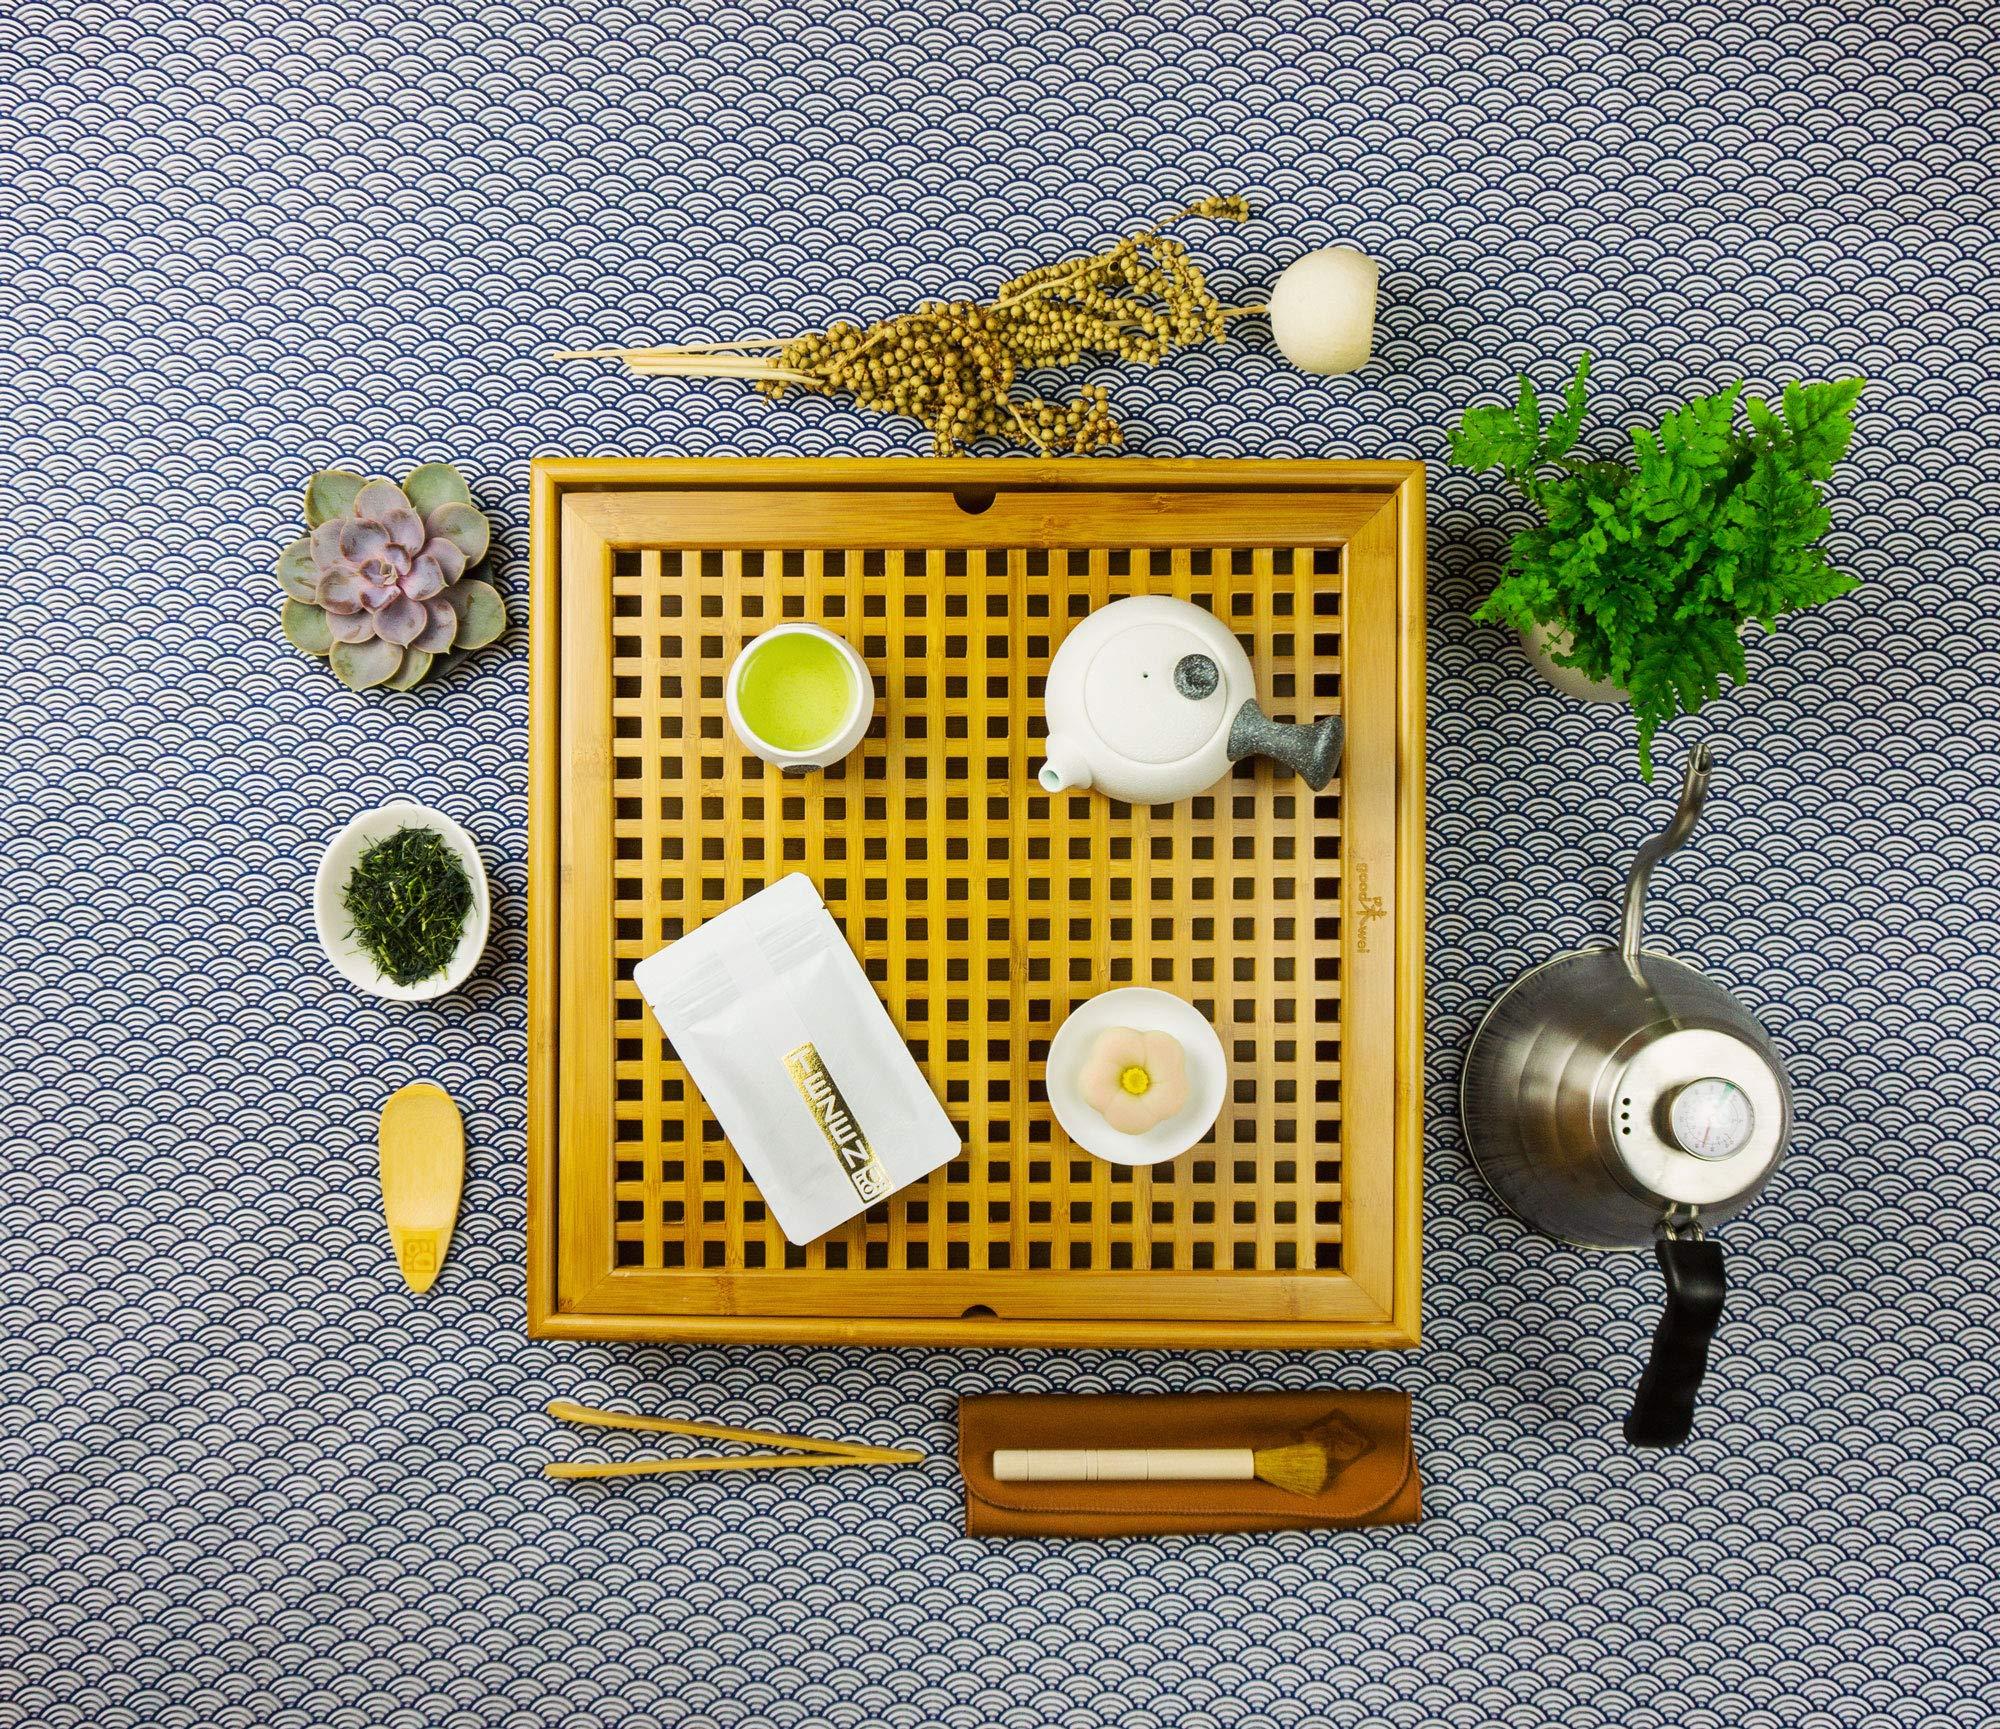 Gyokuro-Grner-Tee-aus-Japan-Premium-Gyokuro-Tee-aus-traditionellem-Anbau-Japanischer-Gyokuro-Tee-von-besten-Teegrten